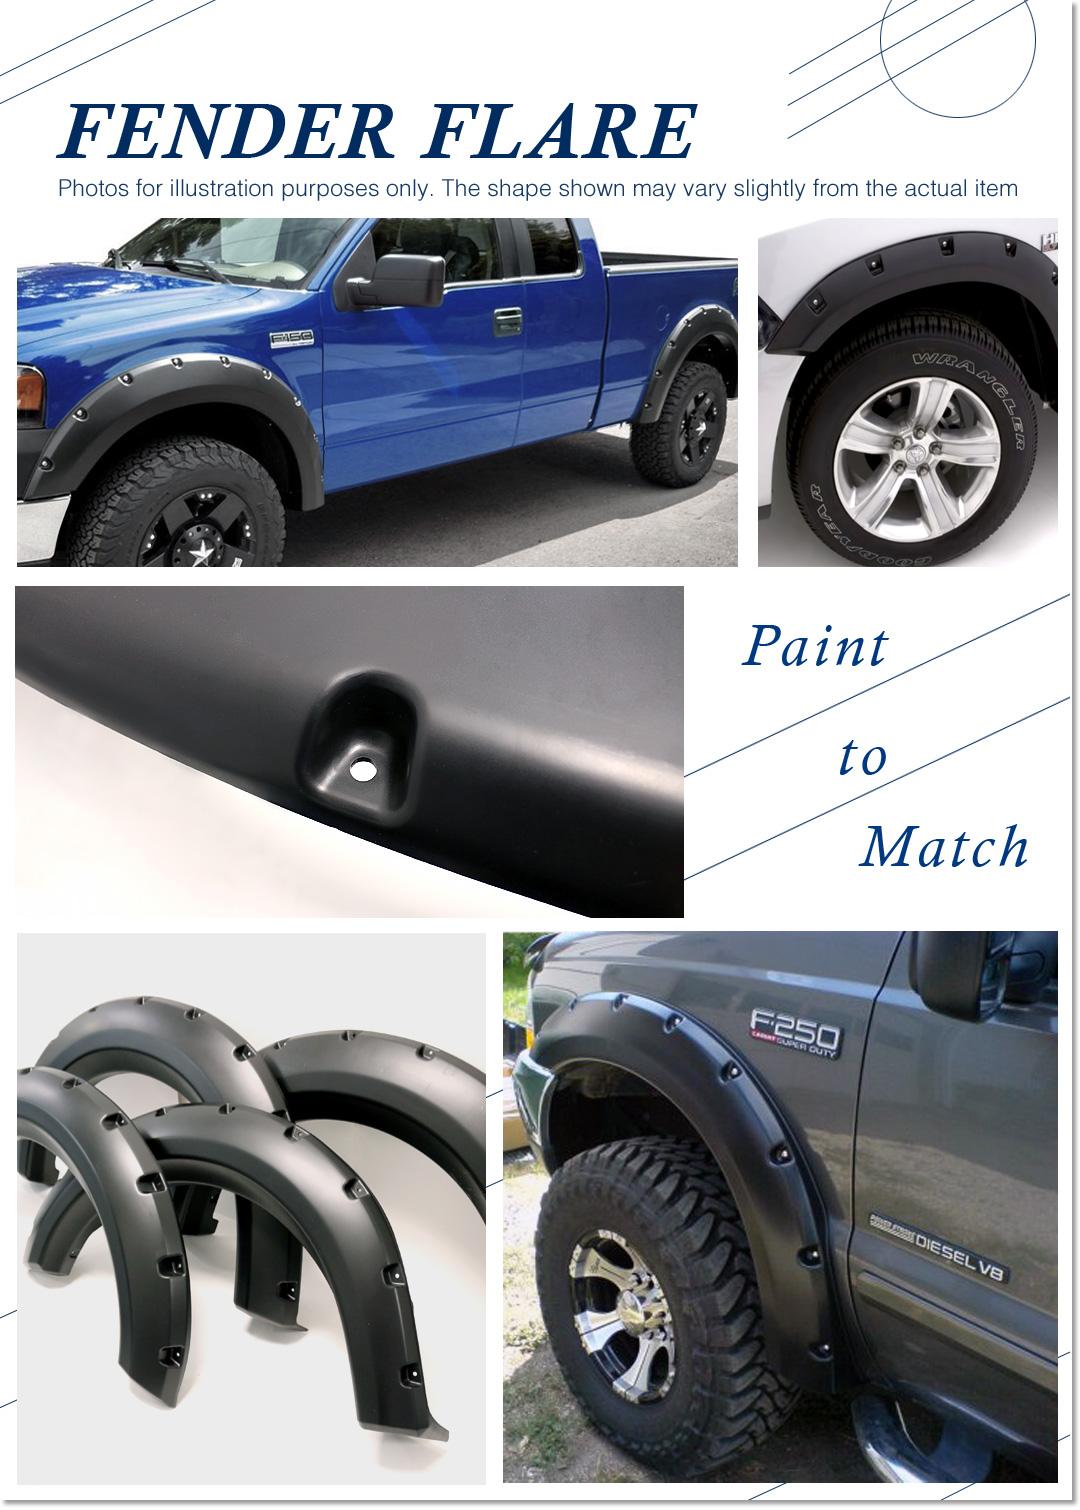 Image is loading magnus pocket riveted precision molding fender flares ford